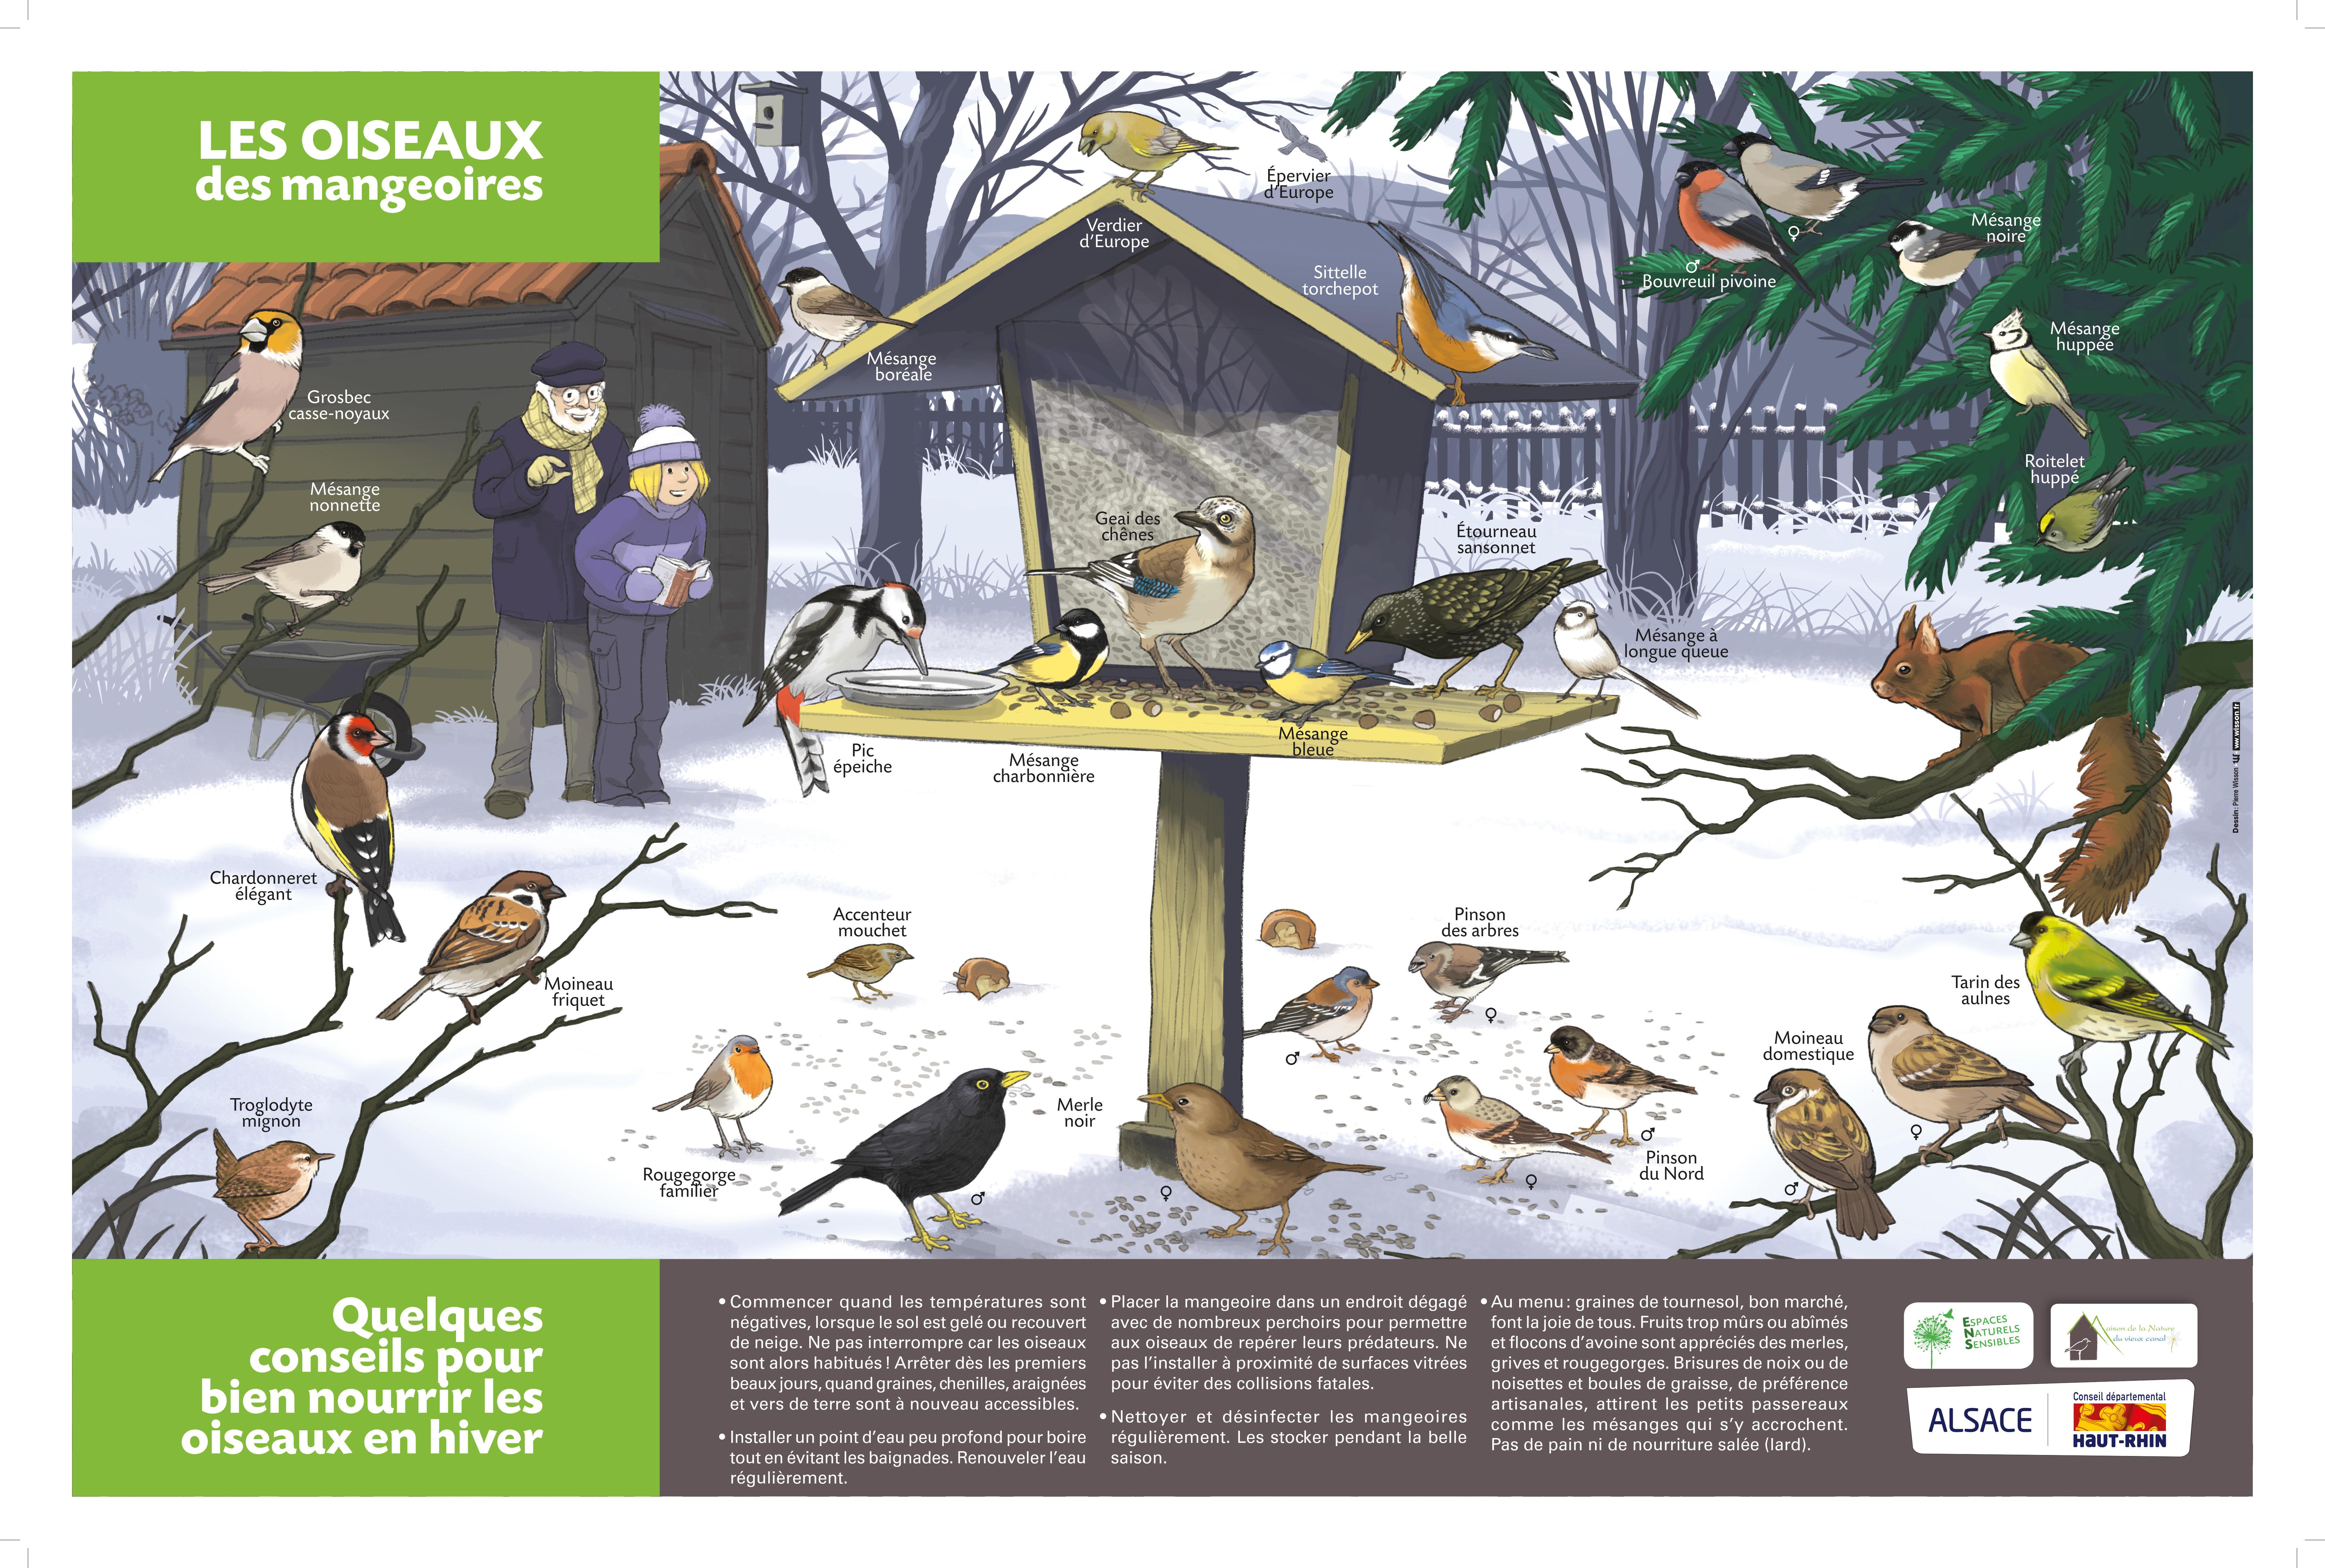 Affiche oiseaux mangeoire 18 60x40_1.jpg